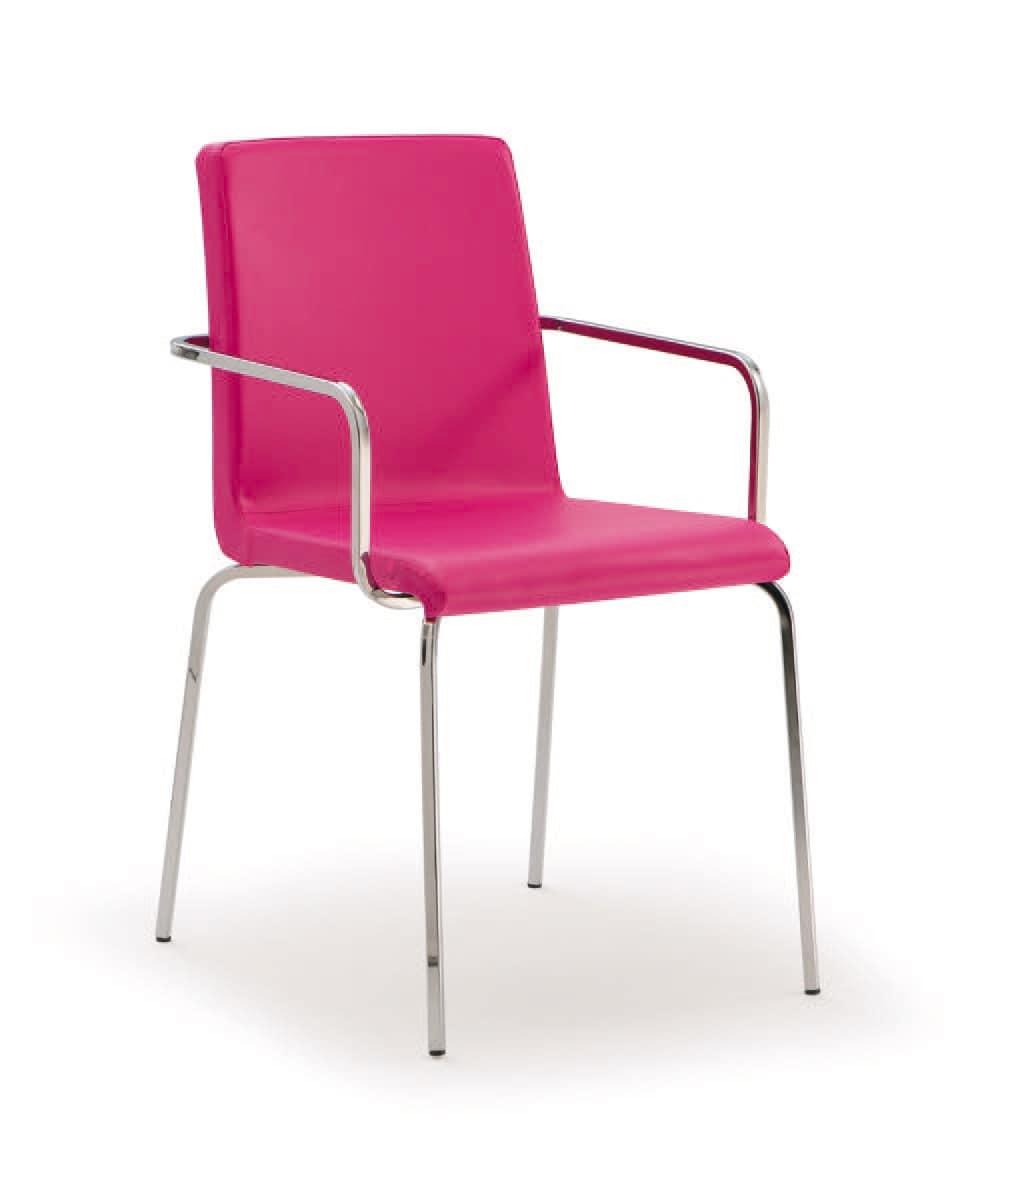 PL 511, Gepolsterter Stuhl aus Metall mit den Armen, für Restaurants